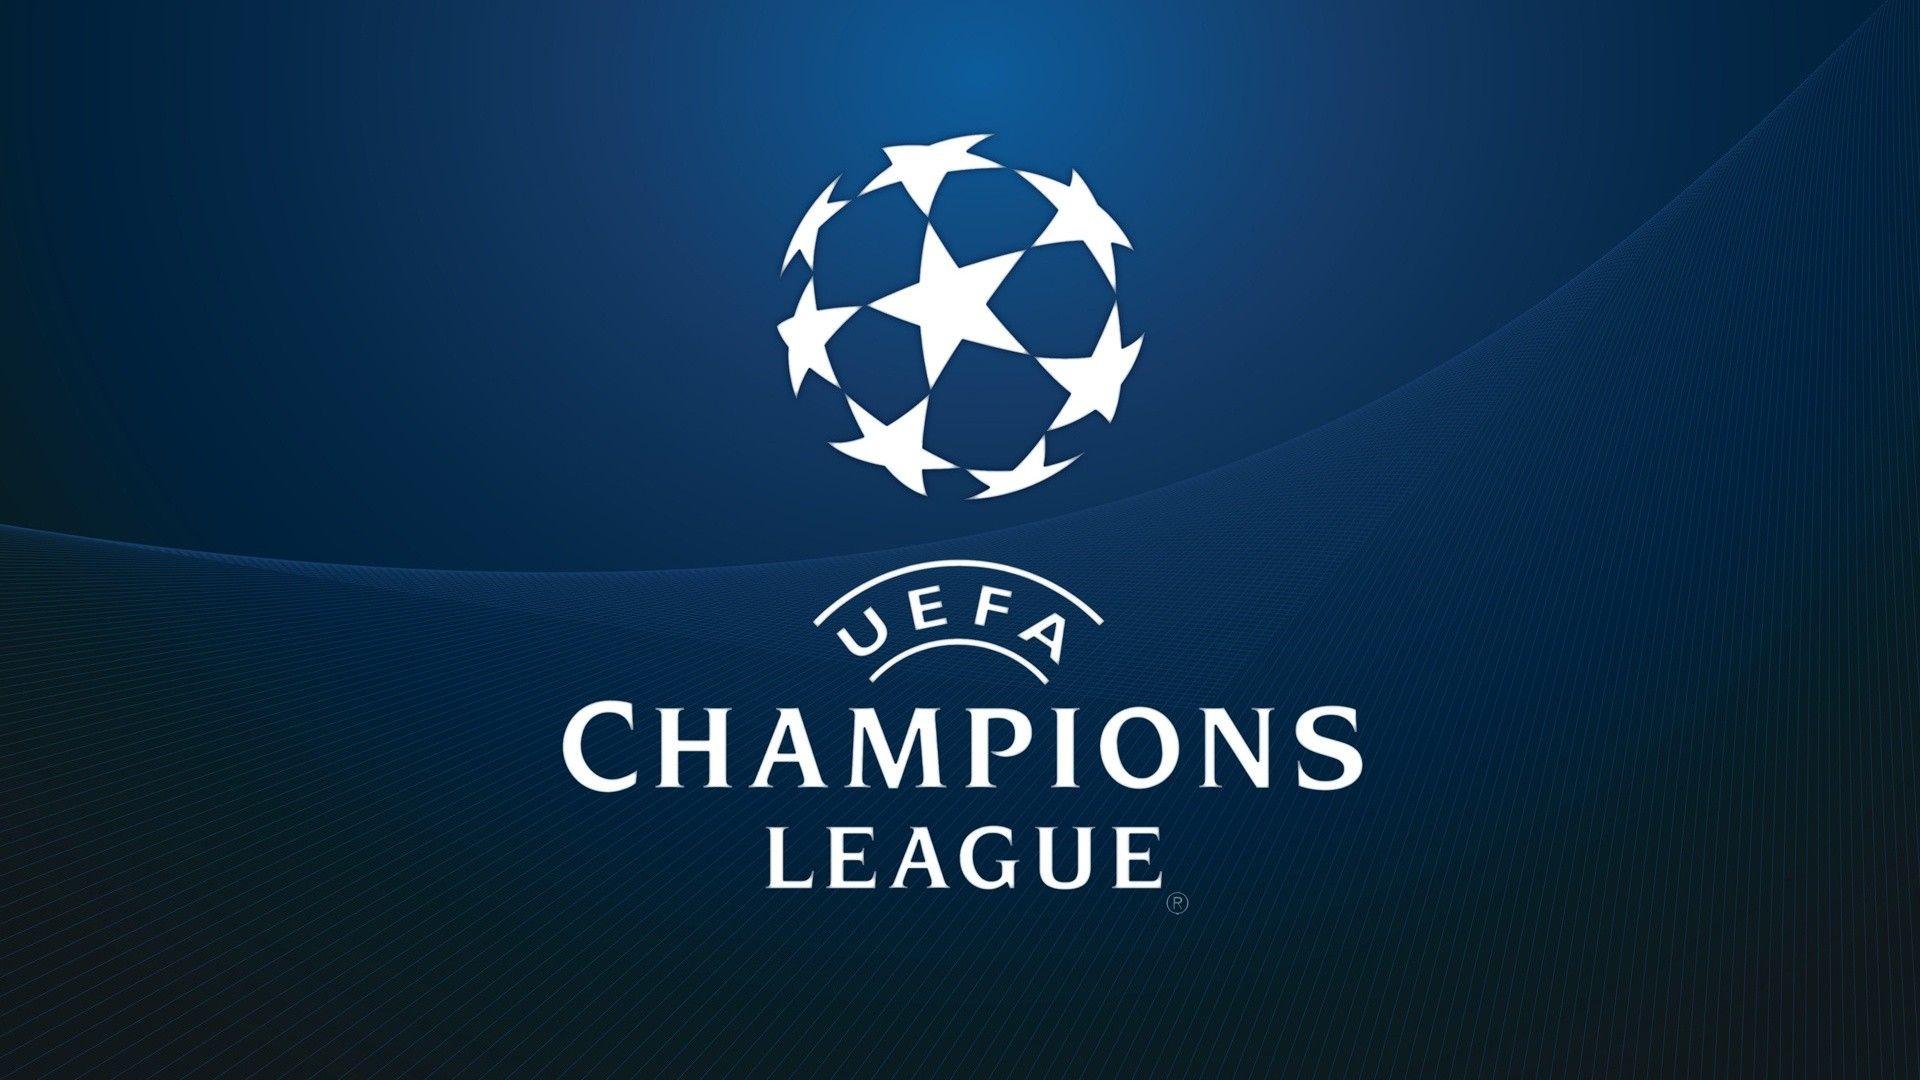 UEFA Champions League Logo HD Wallpaper Liga de